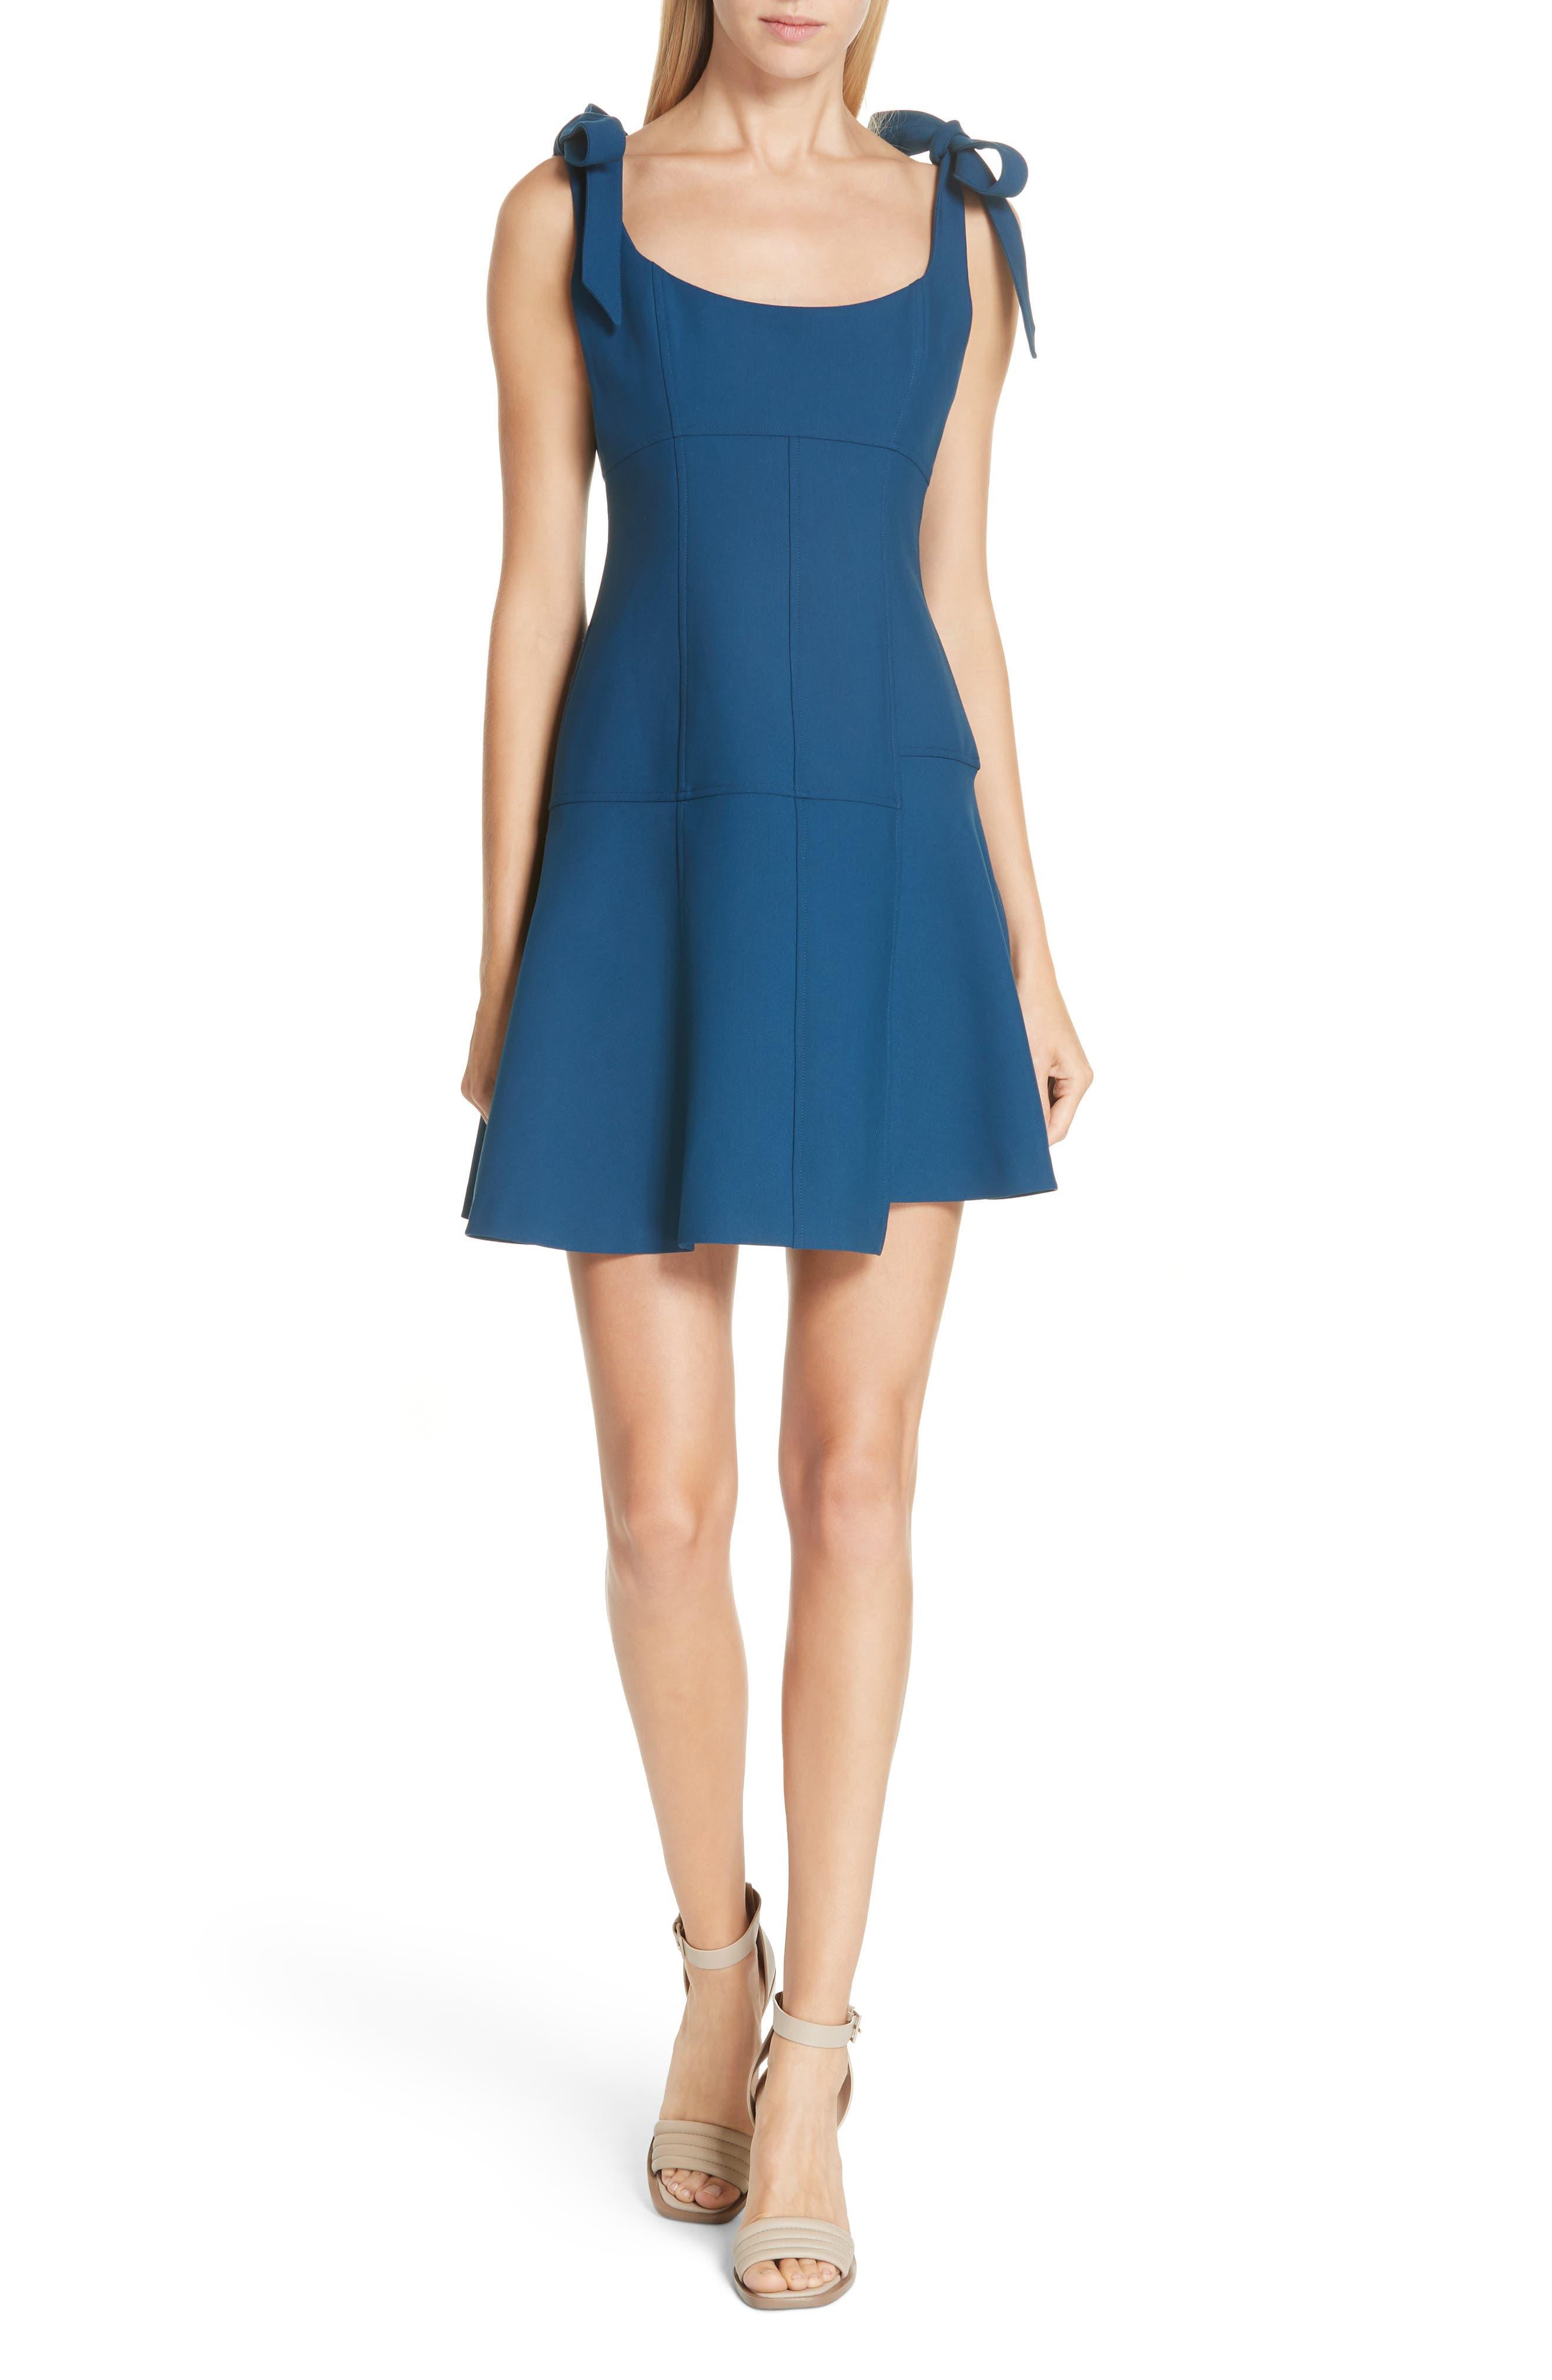 CINQ À SEPT Jeanette Tie Strap Dress, Main, color, 495